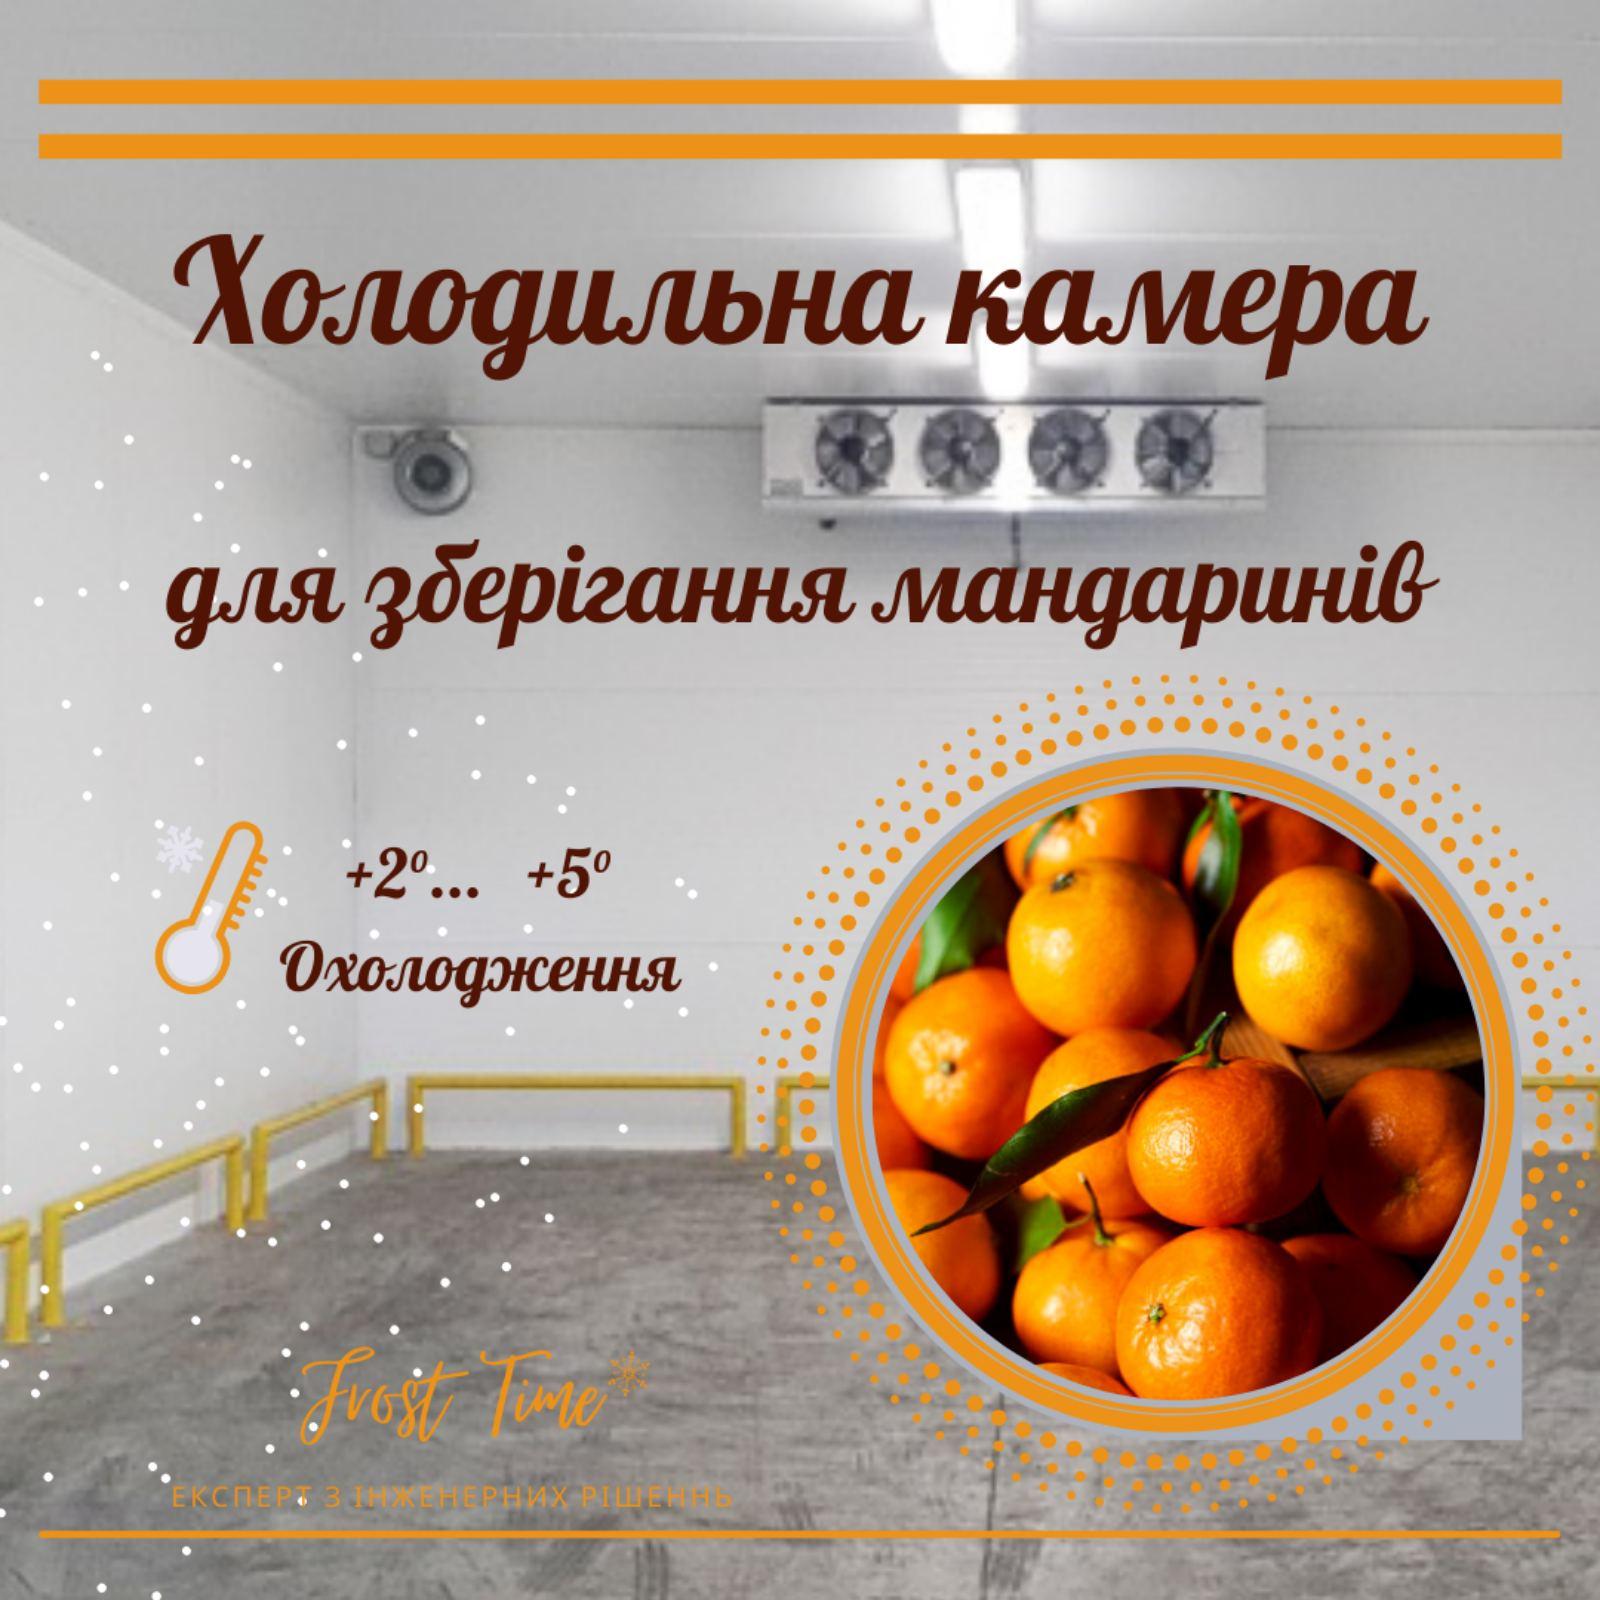 холодильна камера для мандаринів